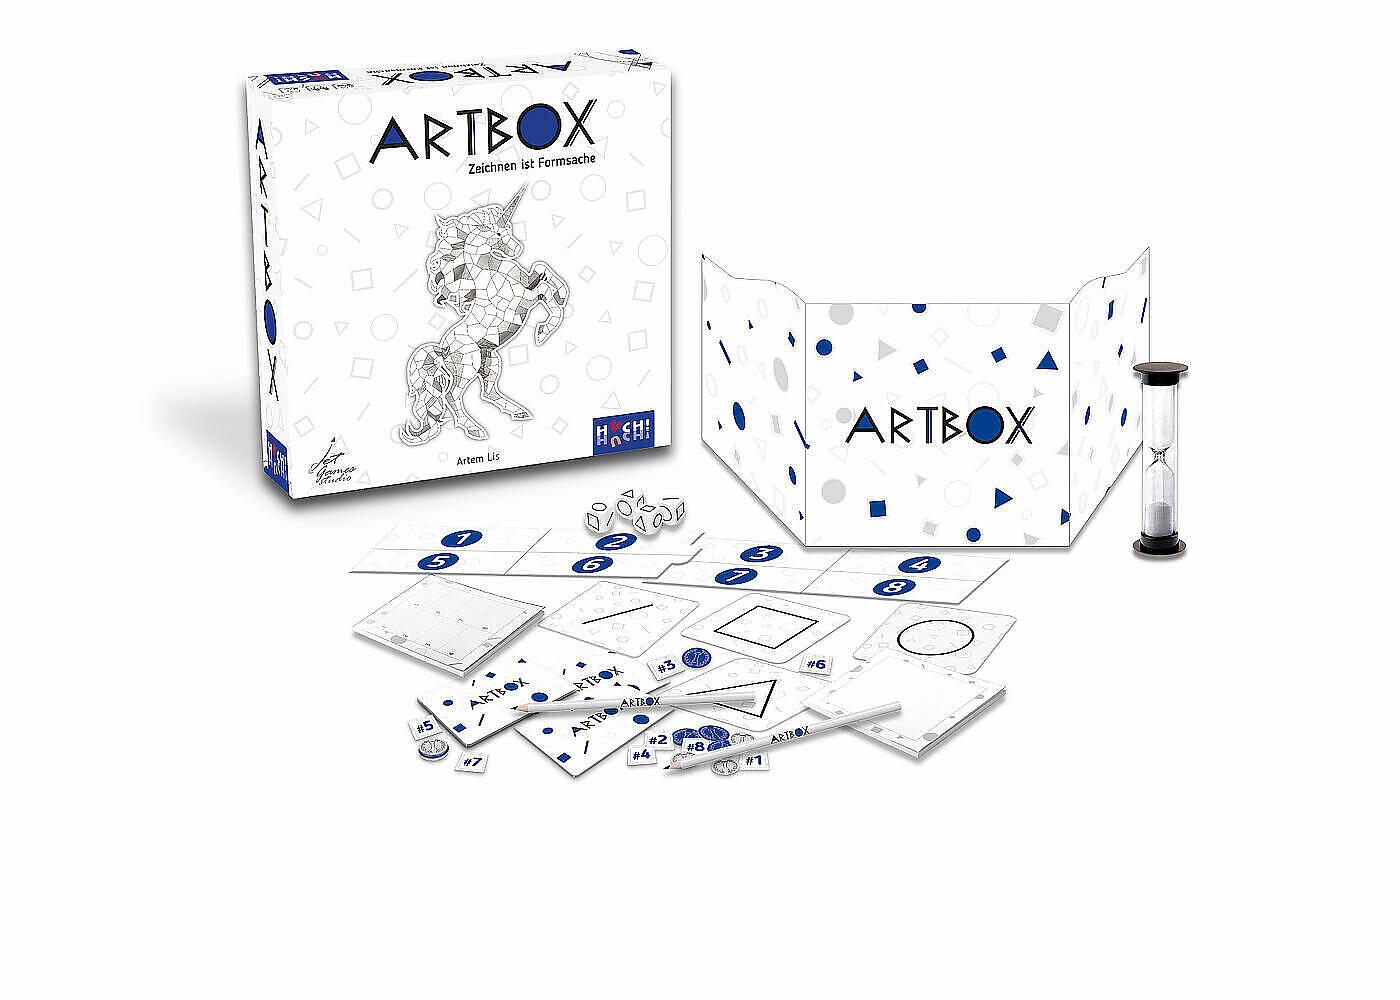 Artbox_A_Box+Inhalt_300dpi